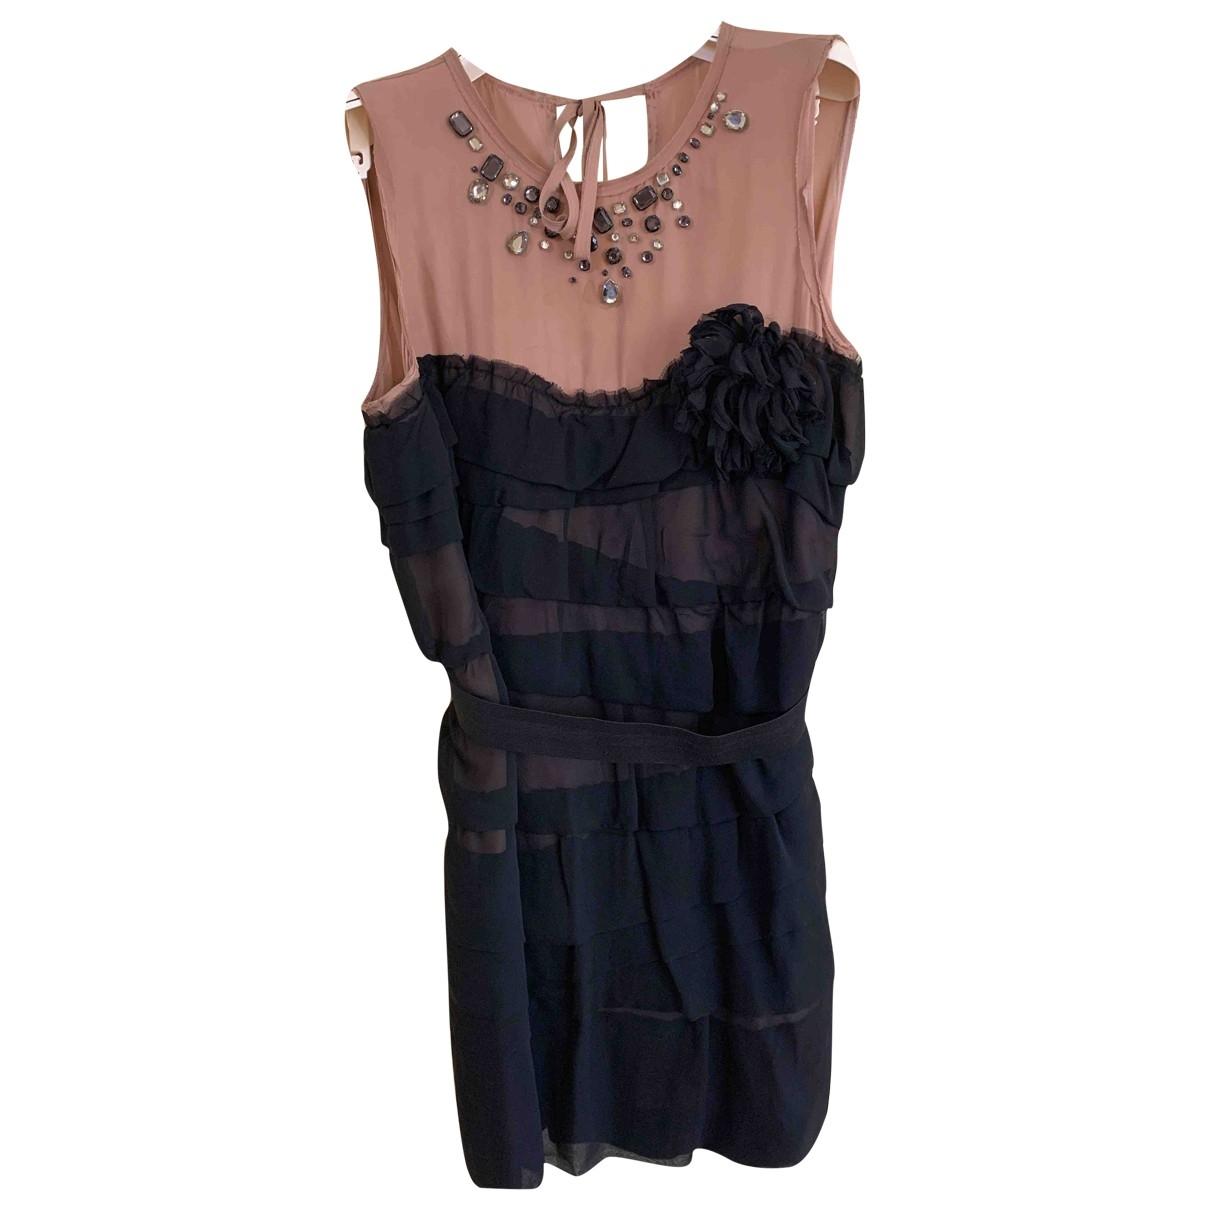 Vestido midi Lanvin For H&m